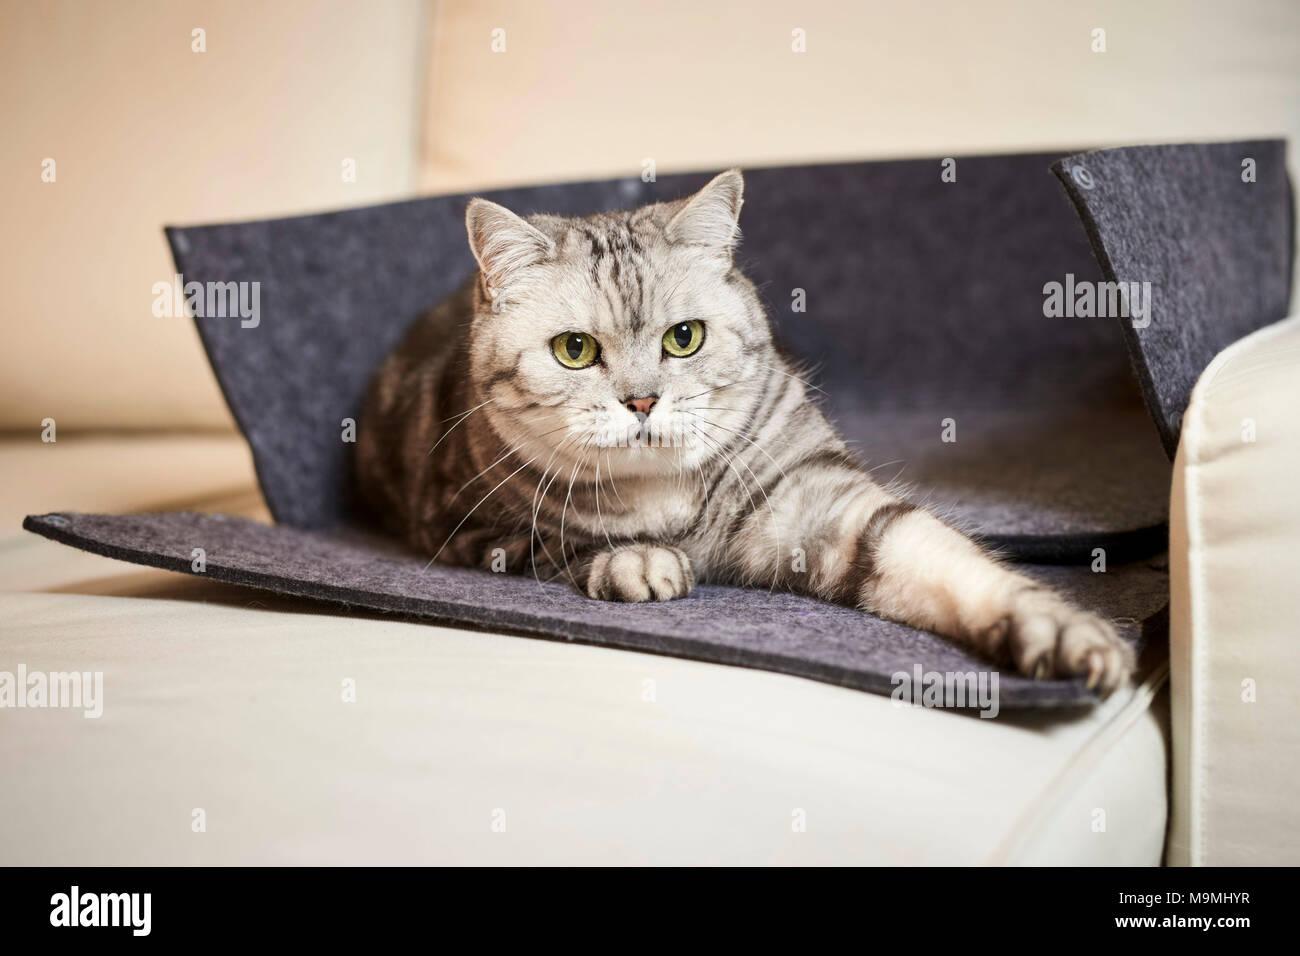 British Shorthair cat. Tabby adulto giacente in un aperto lettino pet fatta di feltro. Germania Immagini Stock